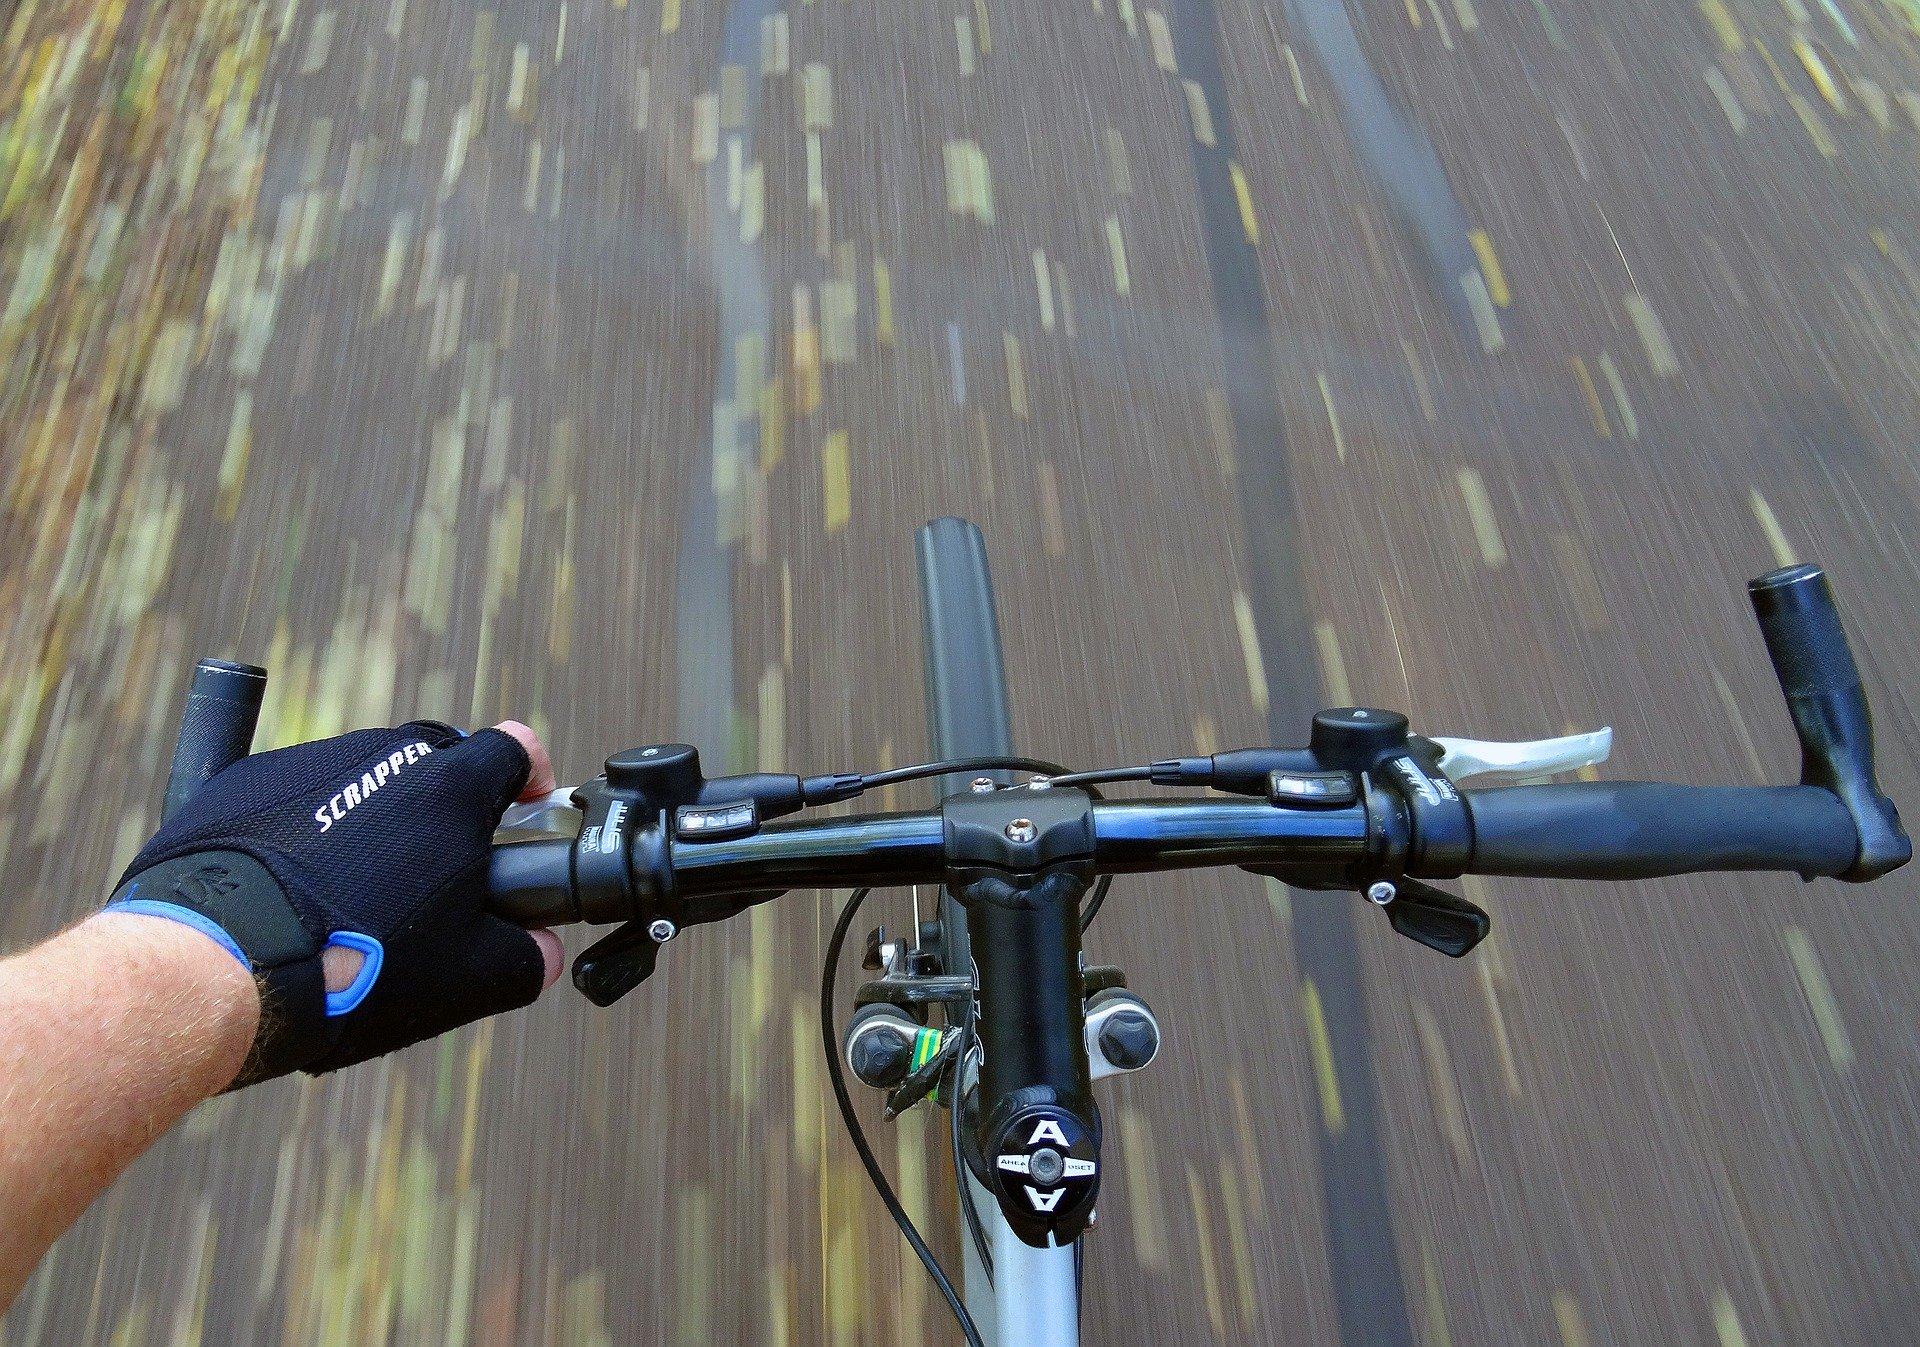 Imagem mostra uma pessoa pedalando uma bicicleta com bar ends.